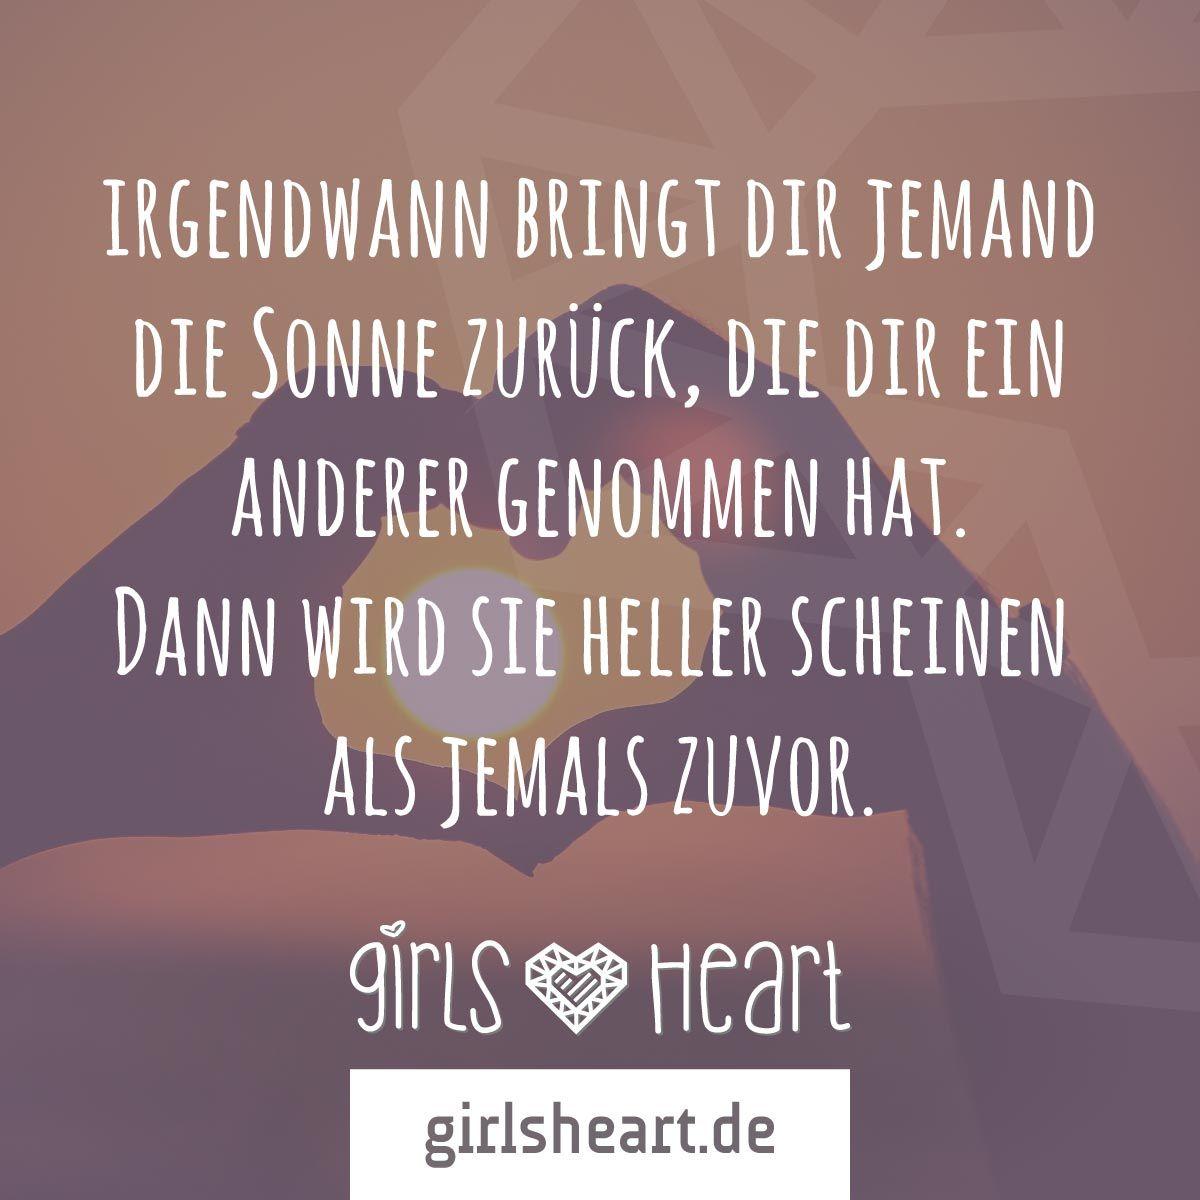 sprüche über hoffnung und liebe Mehr Sprüche auf: .girlsheart.de #hoffnung #liebe #freundschaft  sprüche über hoffnung und liebe